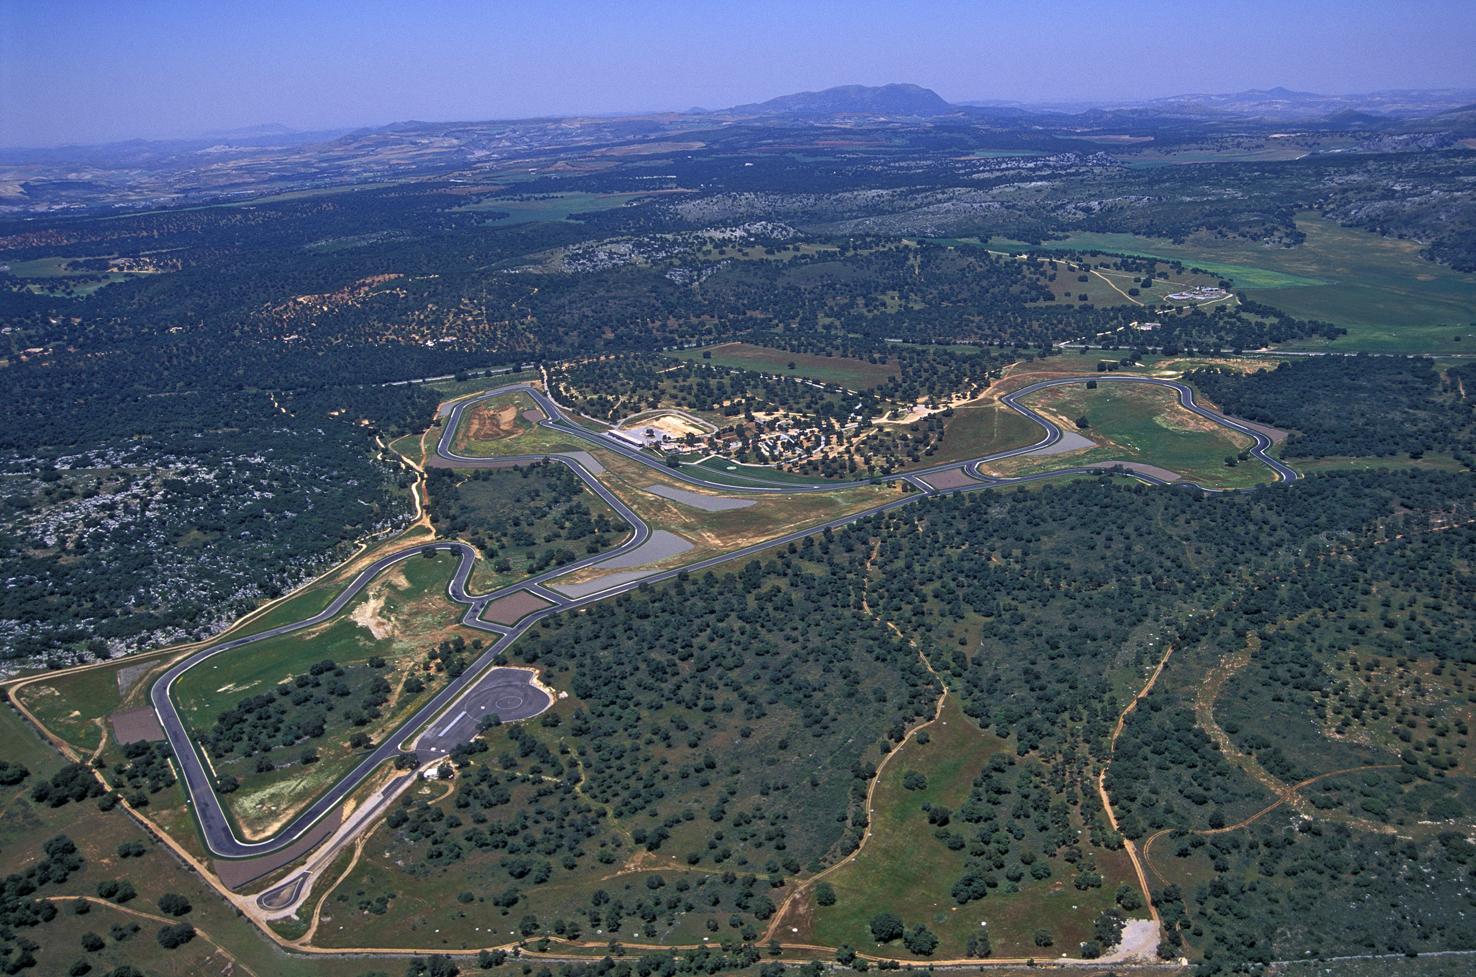 Circuito Wikipedia : File vista aérea del circuito ascari en ronda g wikimedia commons